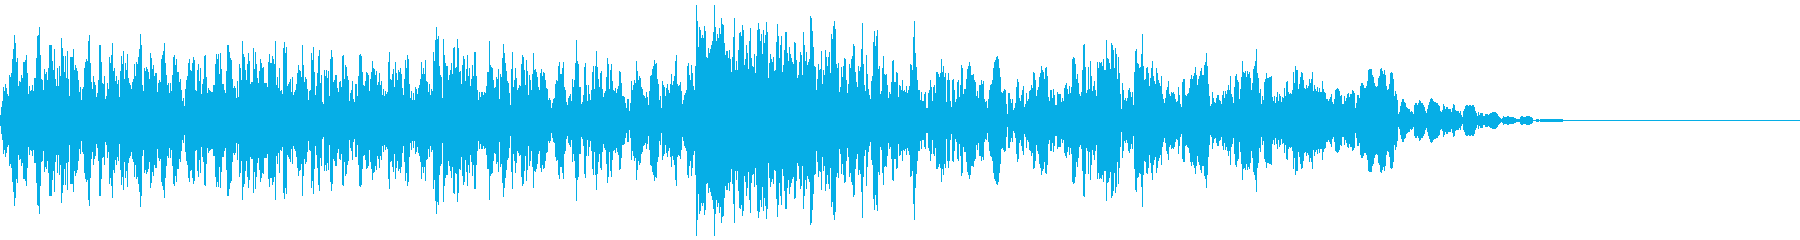 ギューン:テープストップの音(長)の再生済みの波形